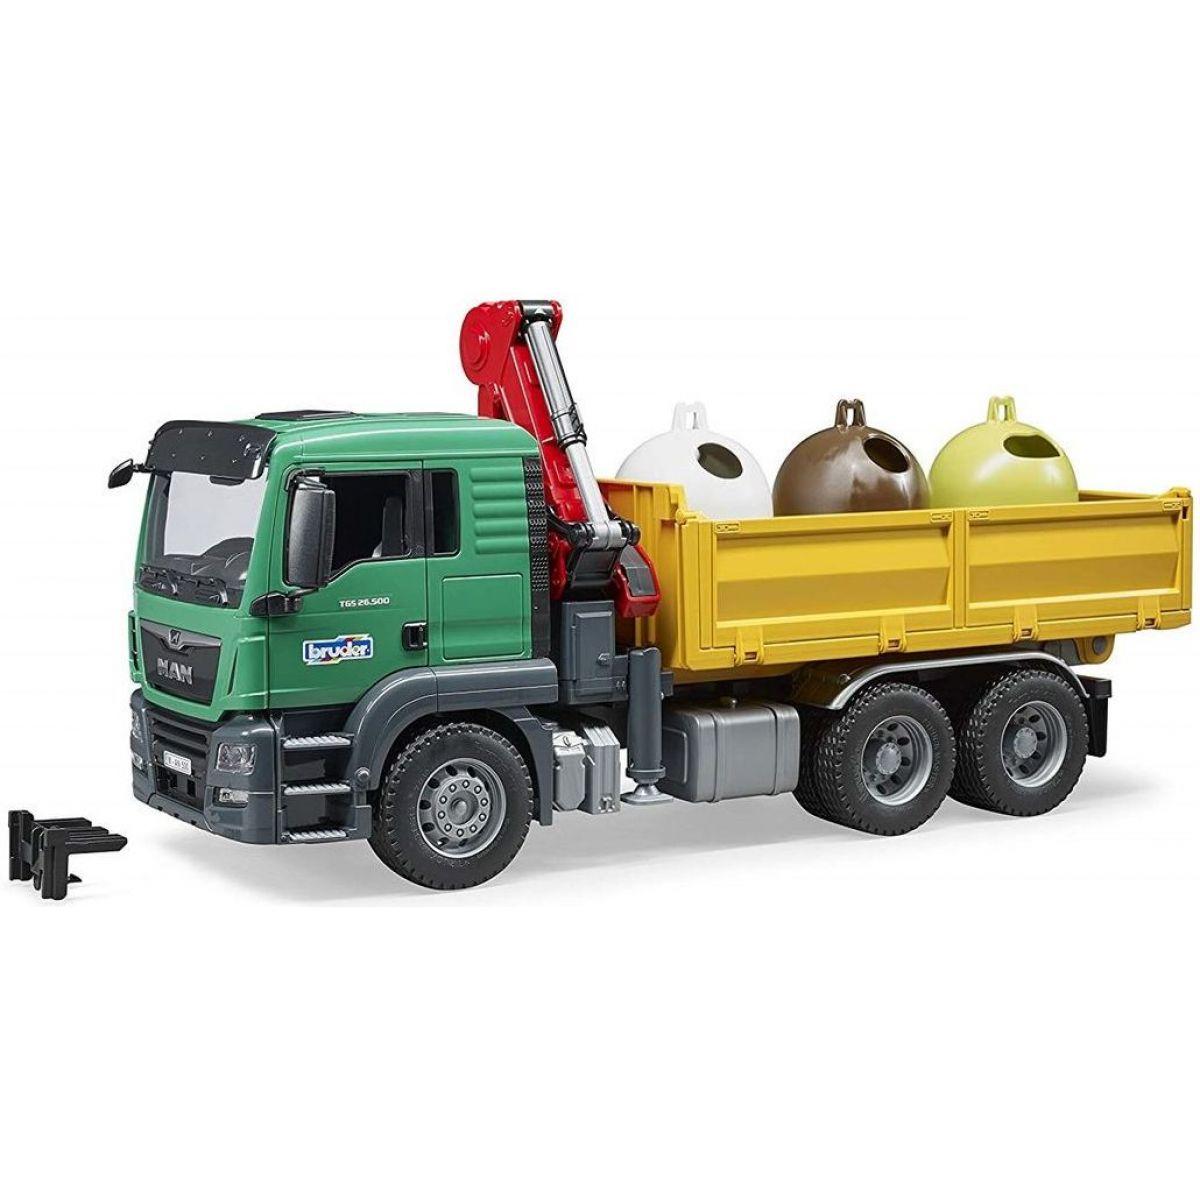 Bruder 3753 MAN TGS Truck sa 3 kontajnery na odpad a nakladacím ramenom